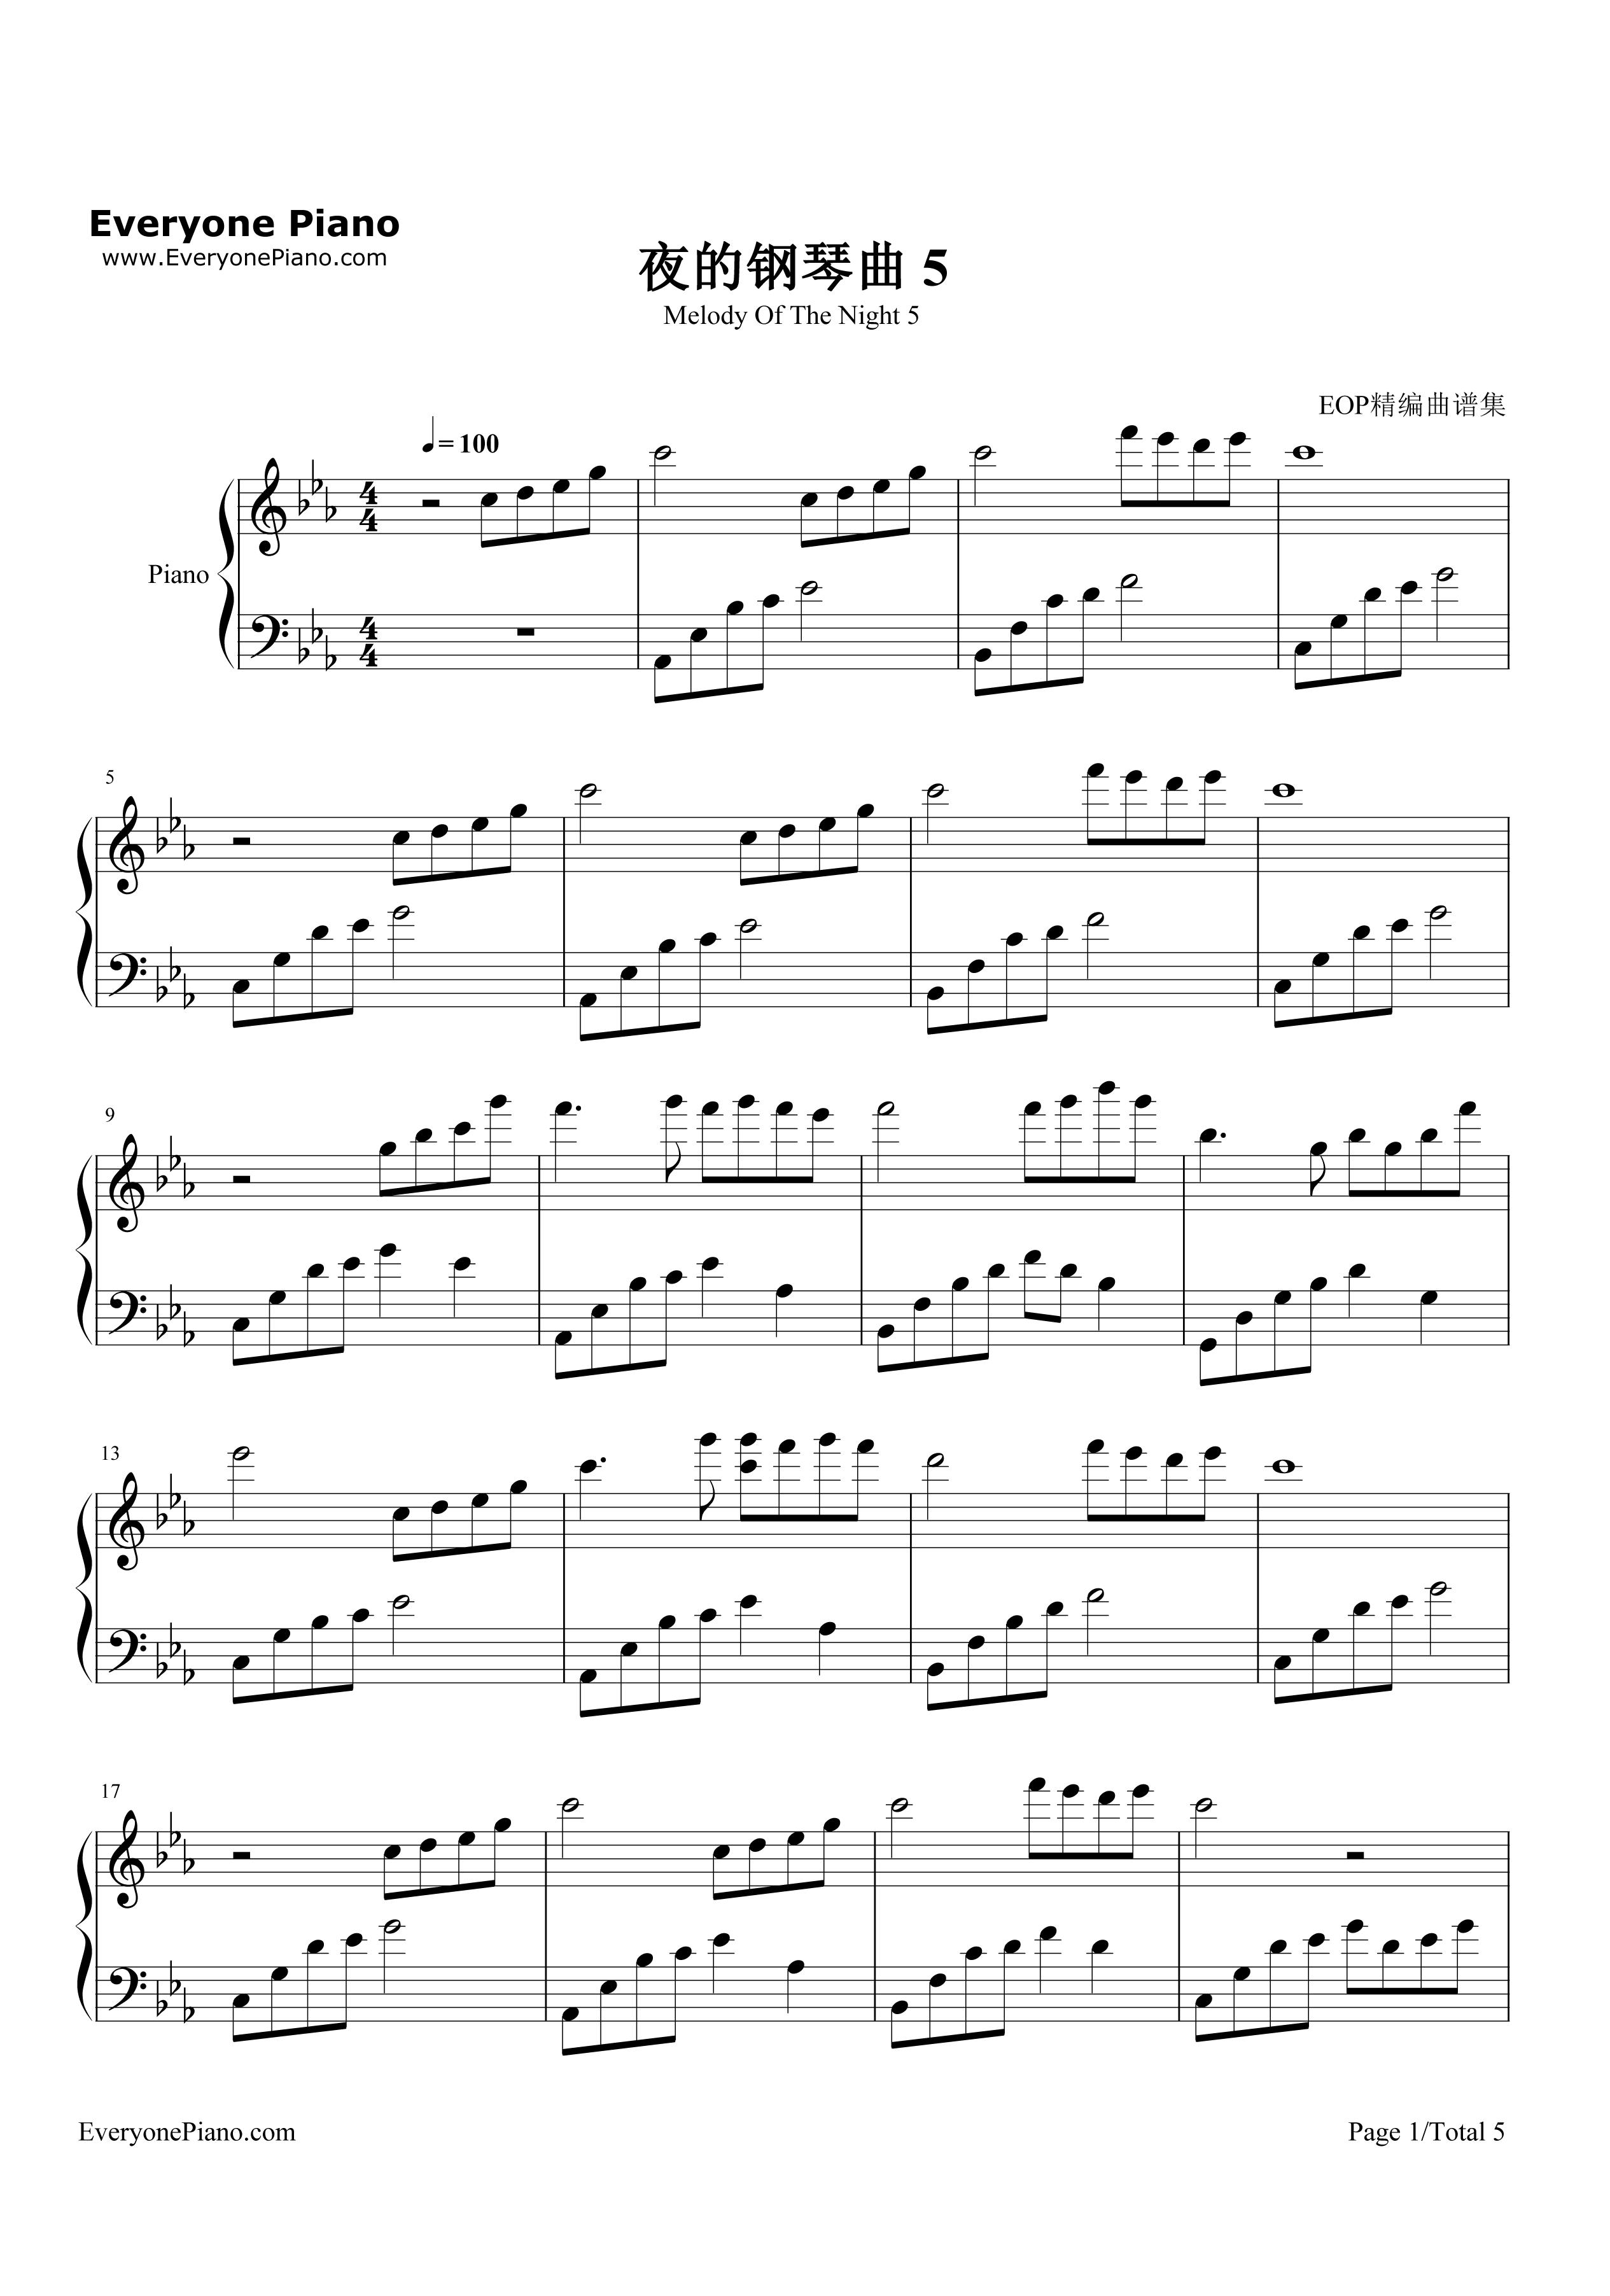 夜的钢琴曲 5五线谱预览